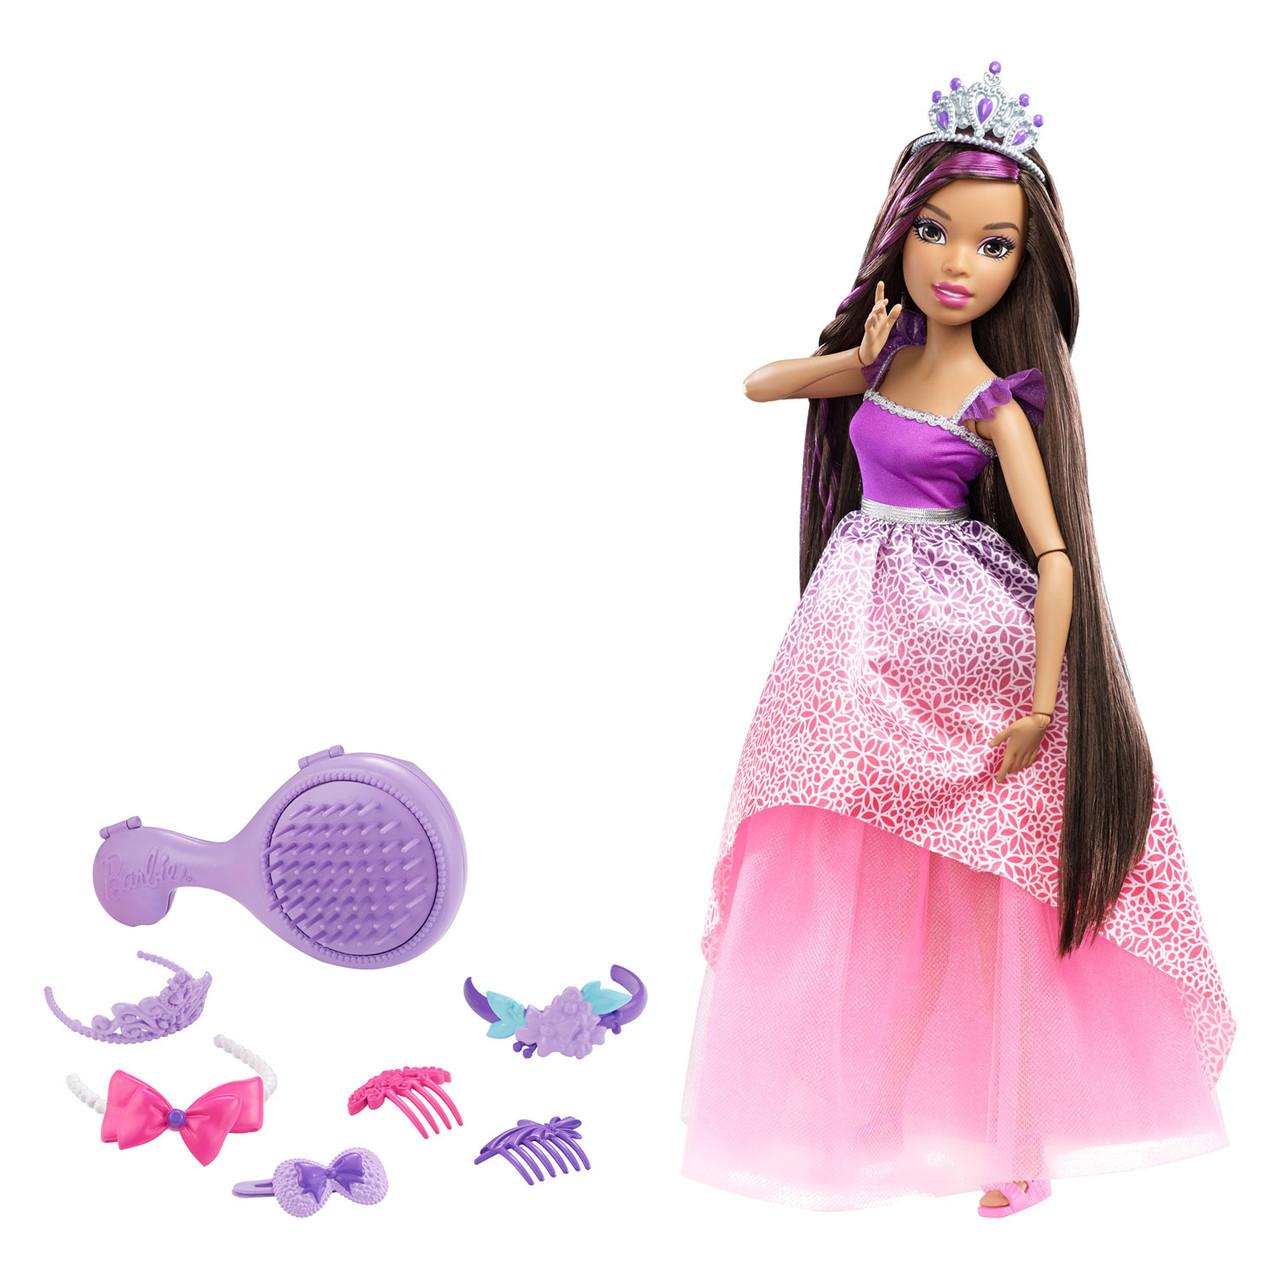 """Barbie """"Роскошные волосы"""" Кукла Барби Брюнетка, 43 см."""